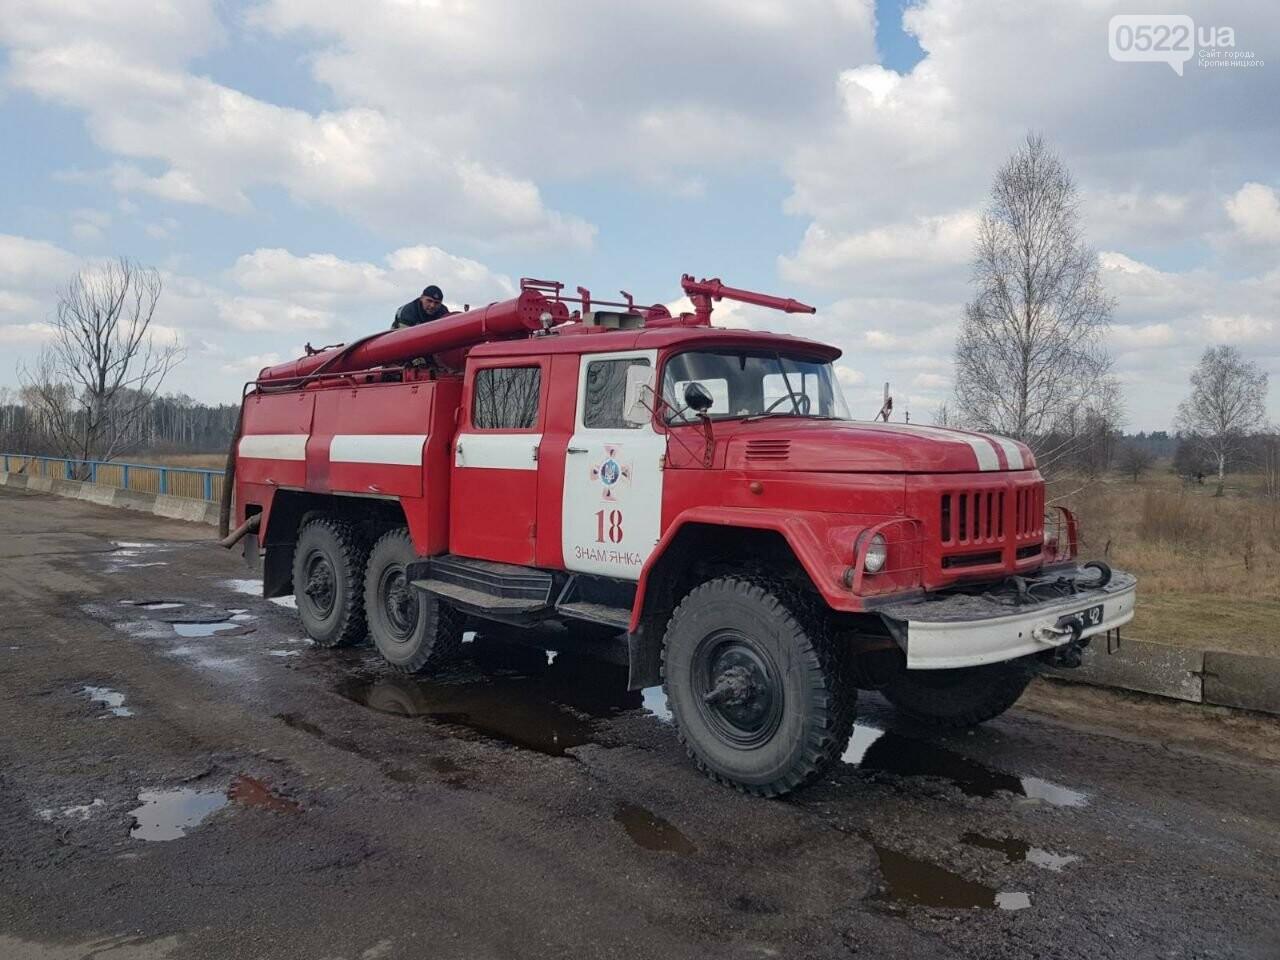 Зведений підрозділ кіровоградського гарнізону допомагає долати лісові пожежі на Київщині, фото-5